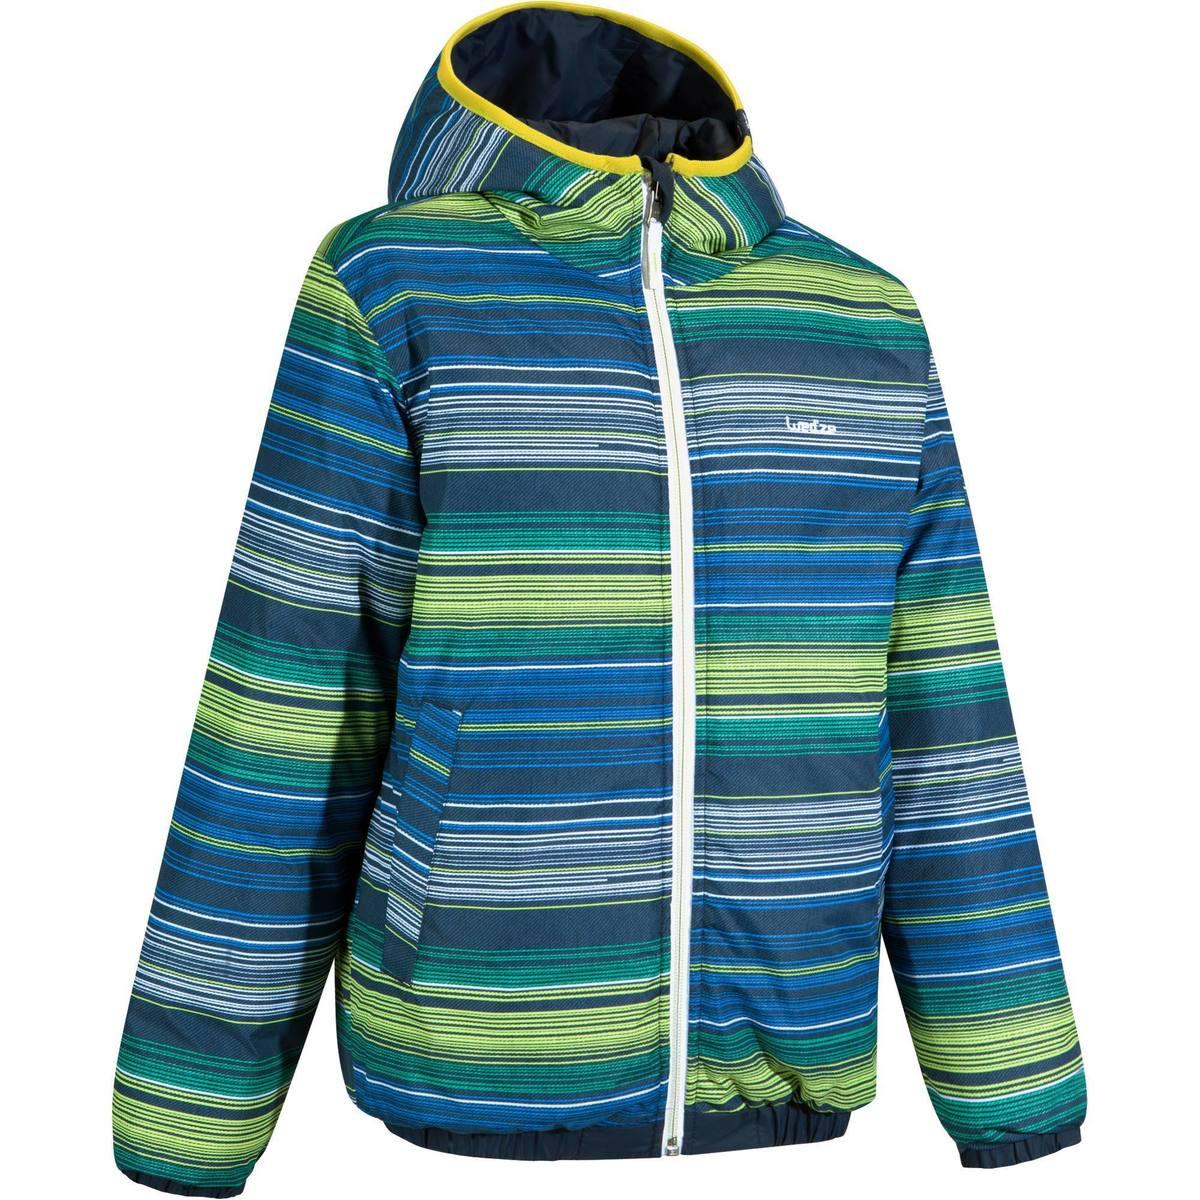 Bild 1 von Skijacke Warm Reverse Kinder blau